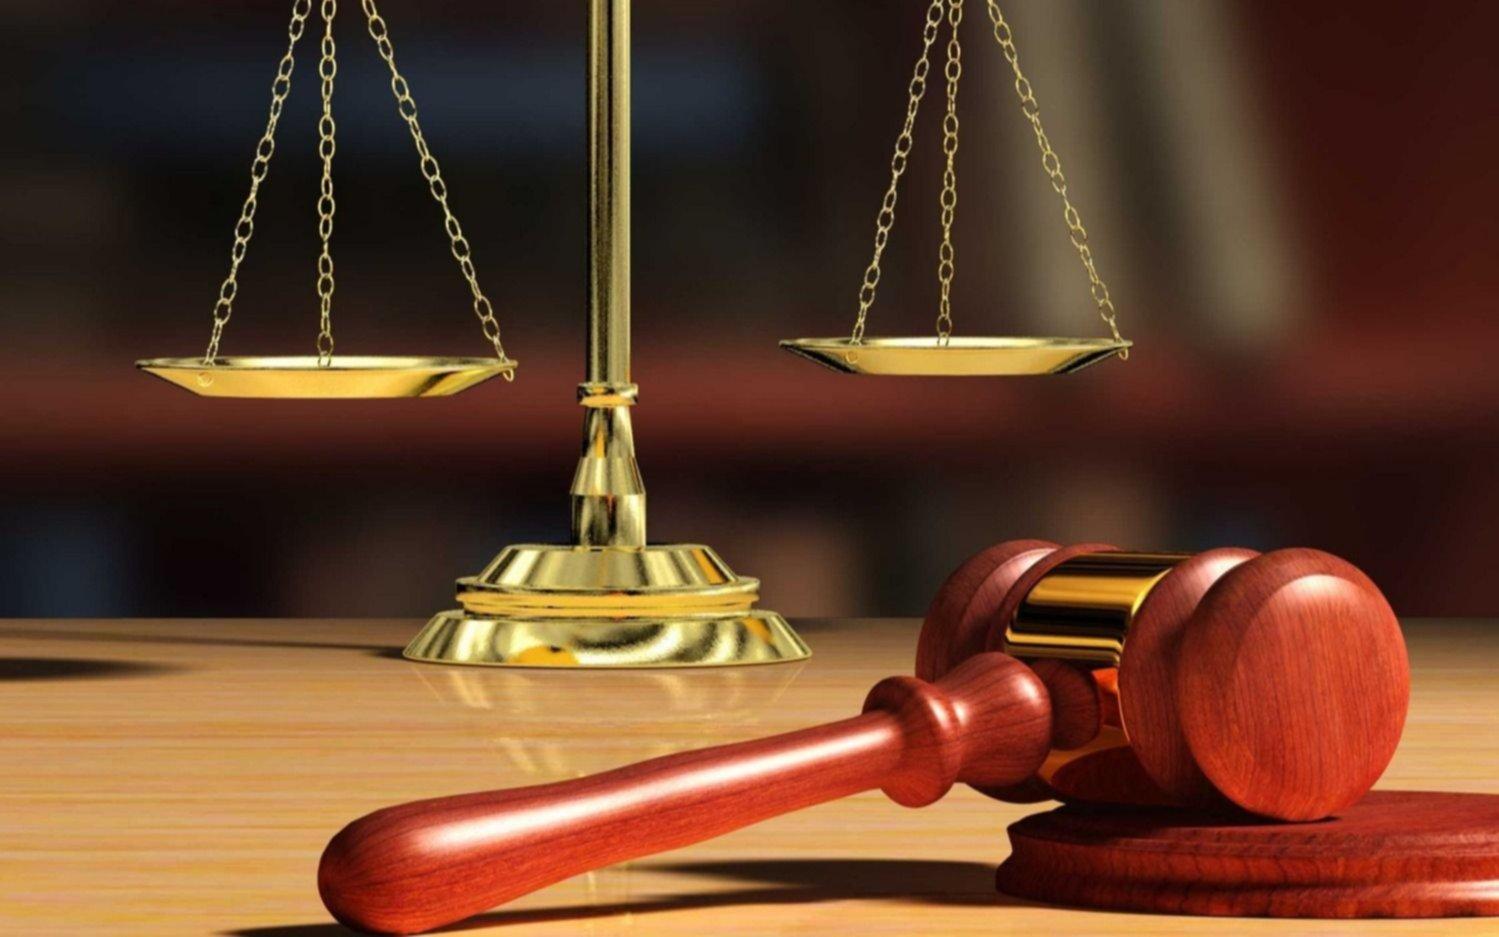 Jueces de la Provincia pidieron medidas de resguardo por amenazas